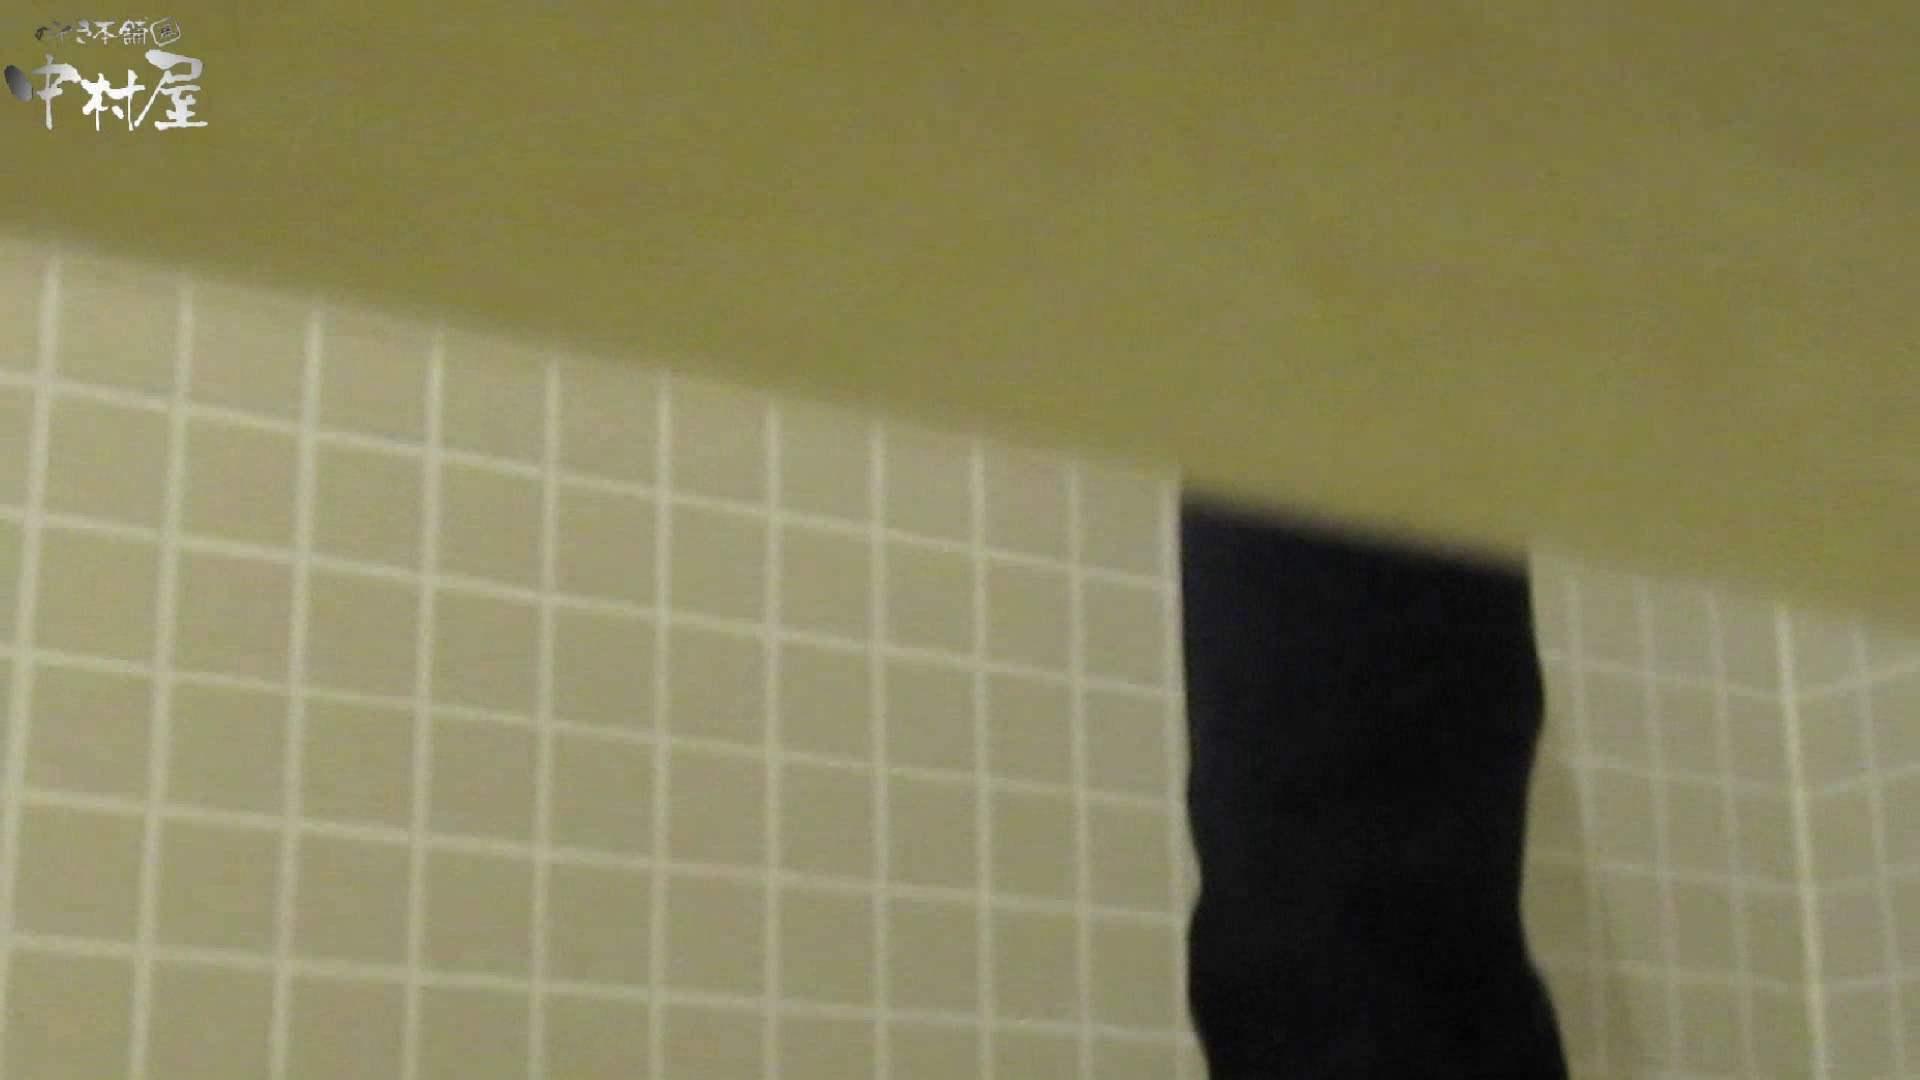 魂のかわや盗撮62連発! 肛門ピクピク嬢! 52発目! 盗撮大放出 ぱこり動画紹介 90連発 87